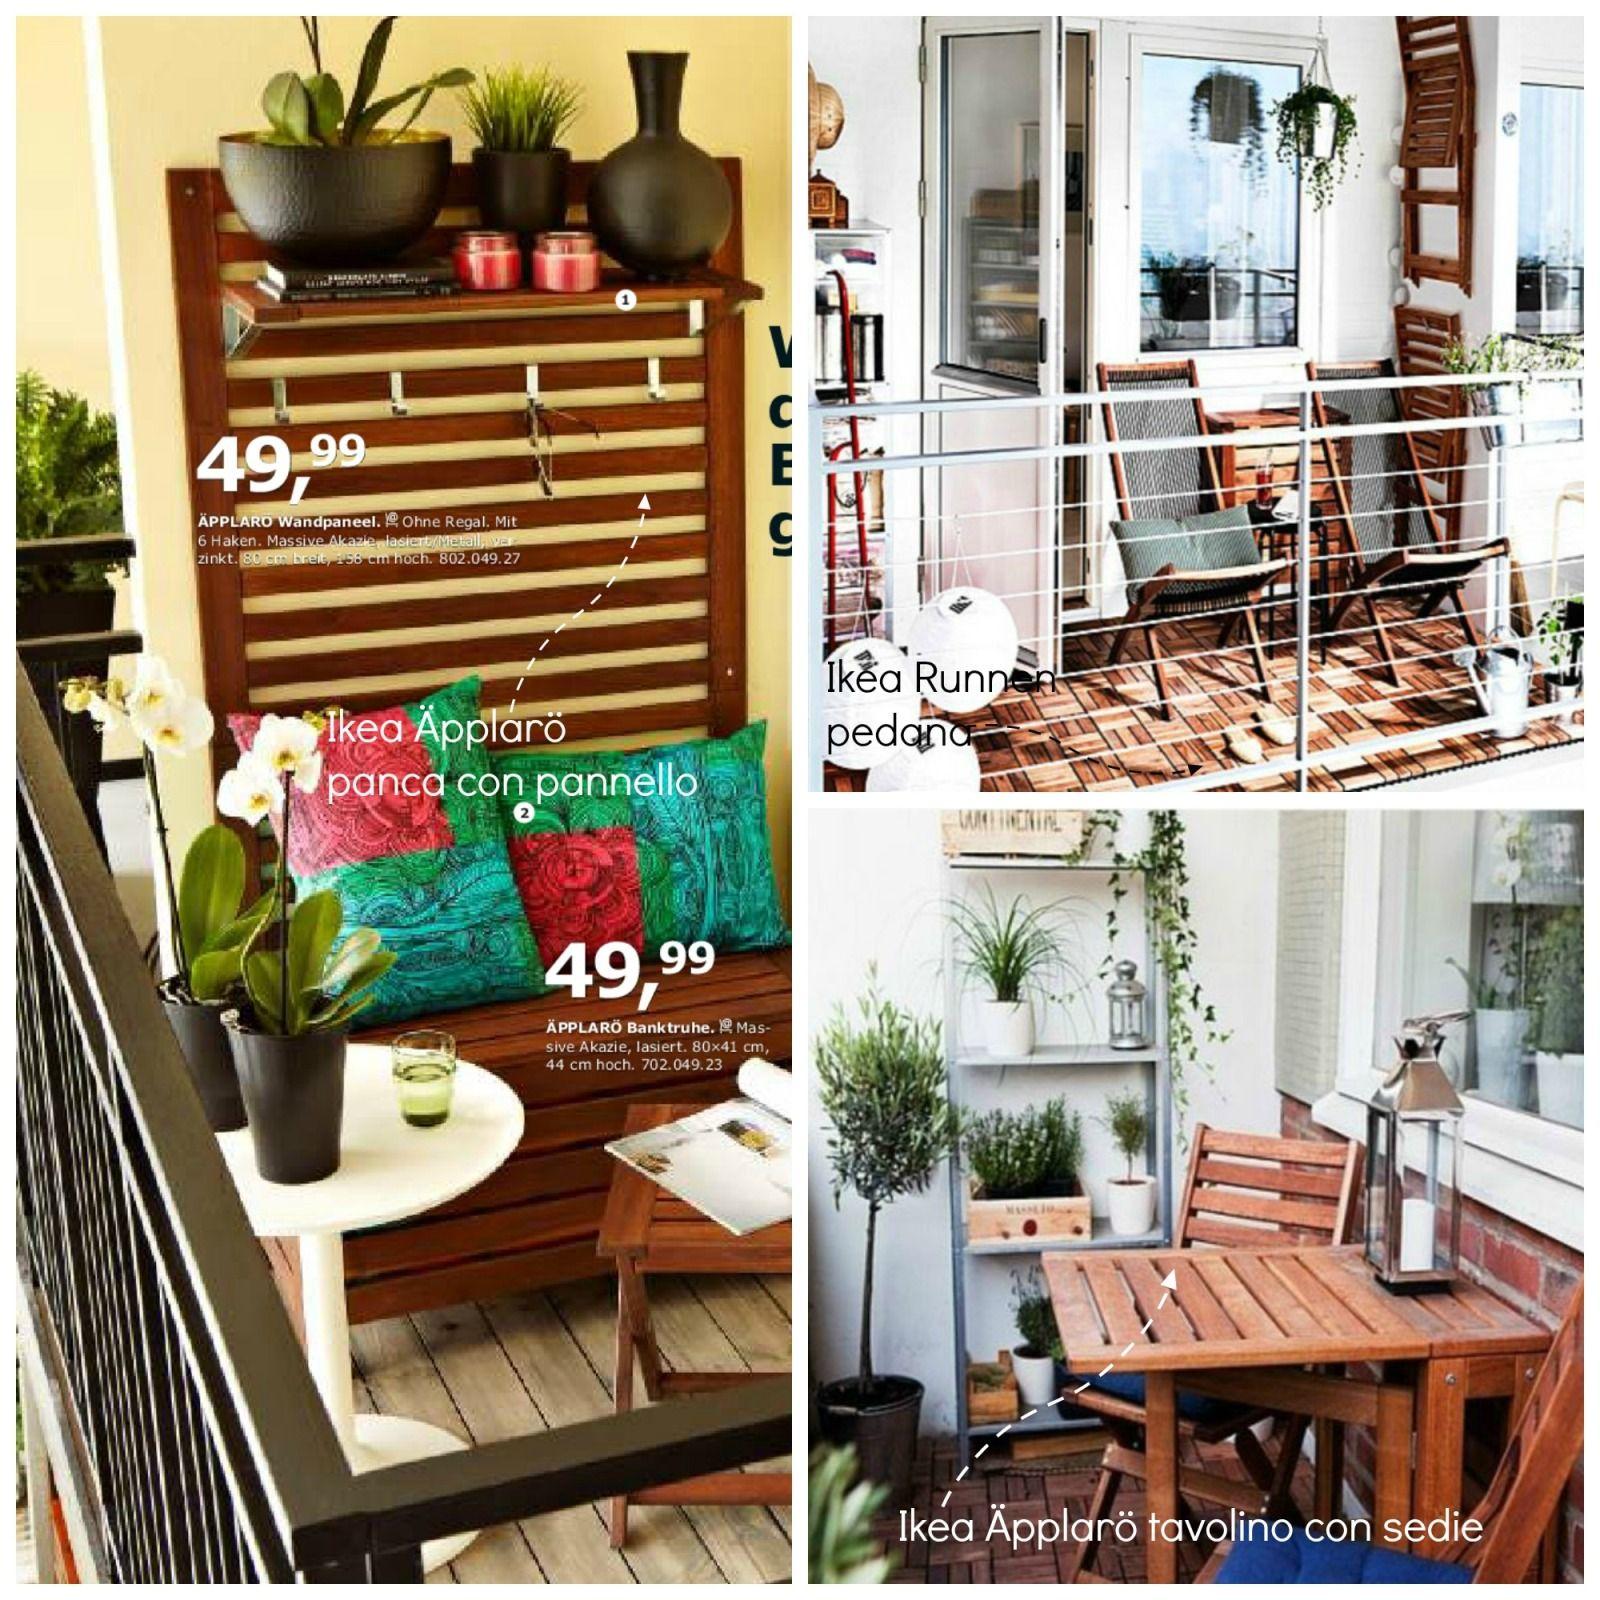 Tavolino Per Balcone Ikea ikea per esterni | home decor, decor, ladder decor